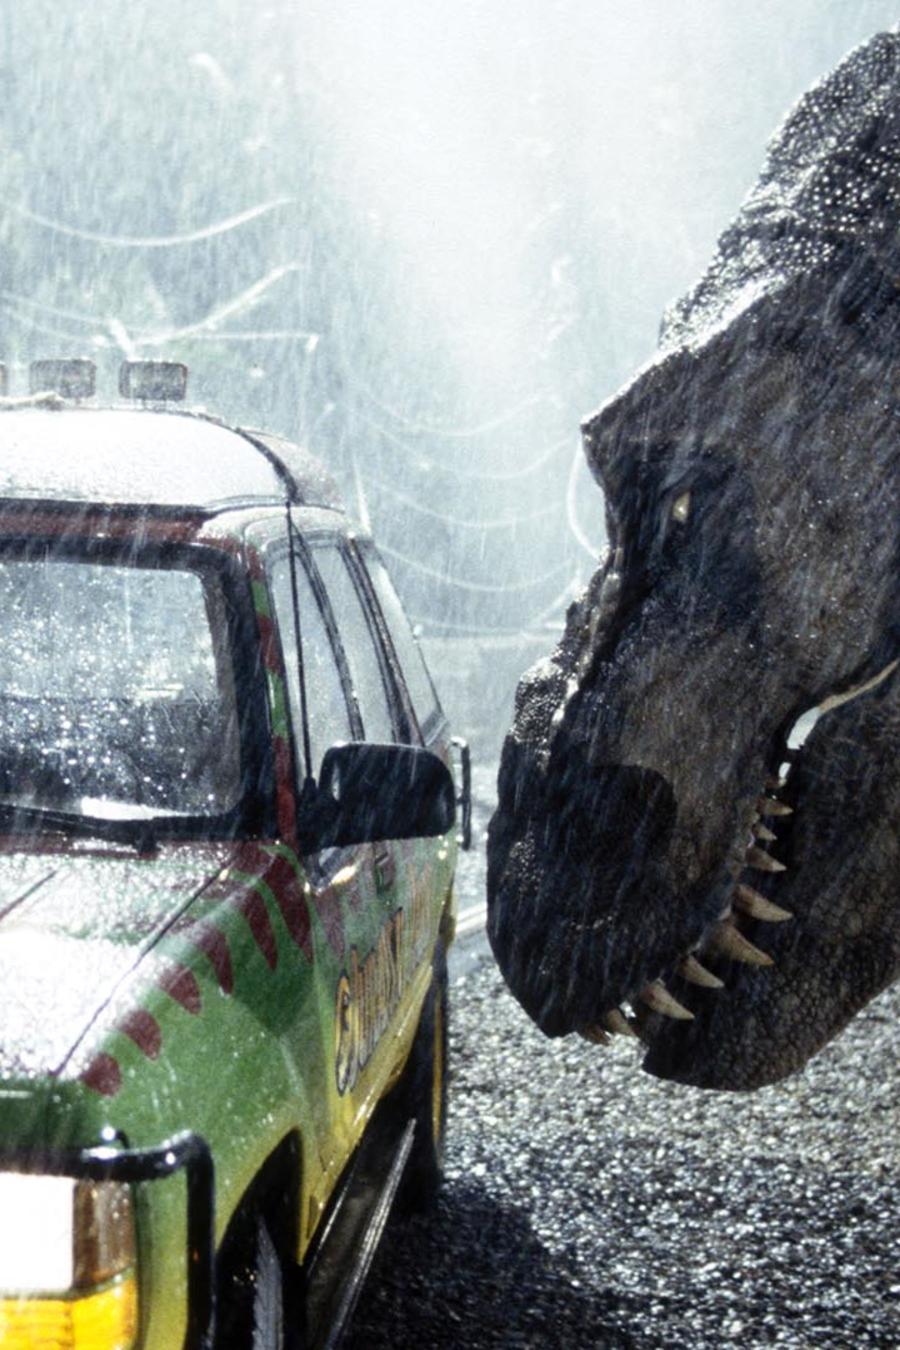 Scene from Jurassic Park